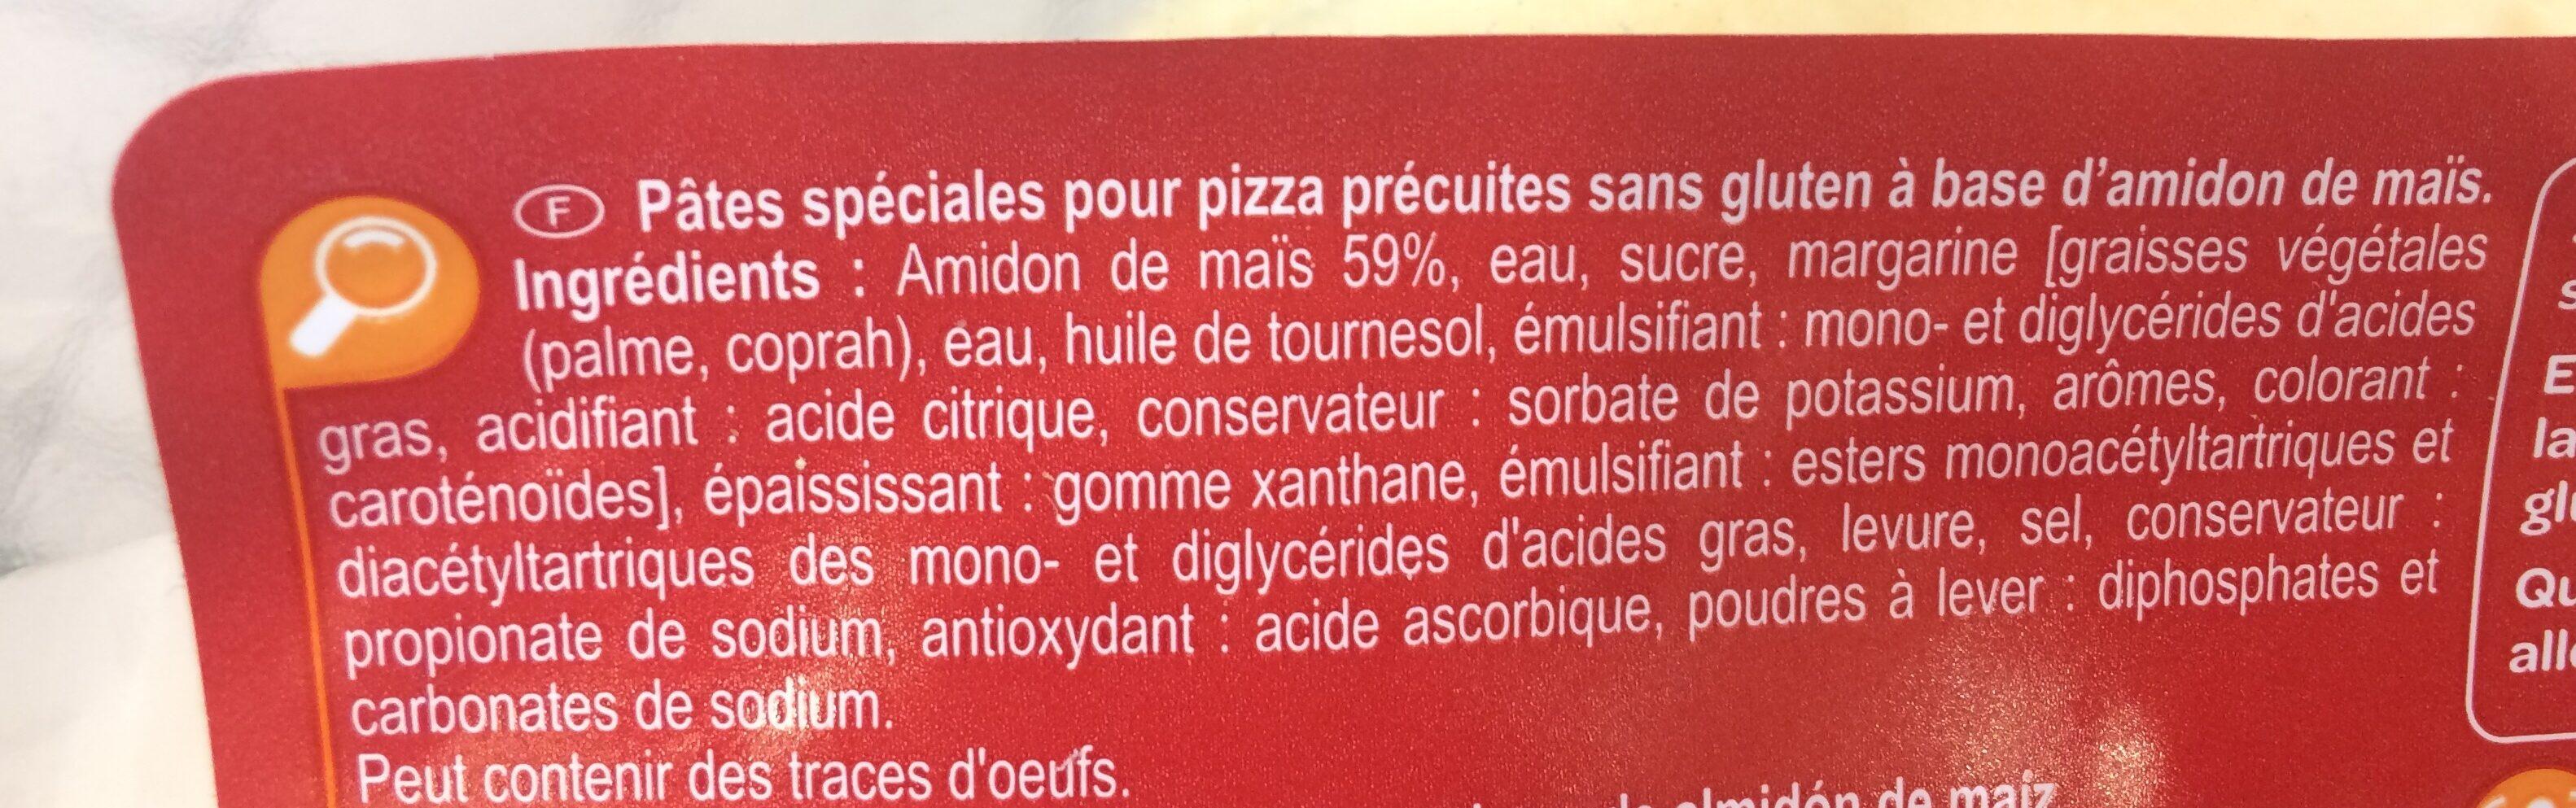 Fonds De Pizza Précuits - No Gluten - Ingredientes - fr